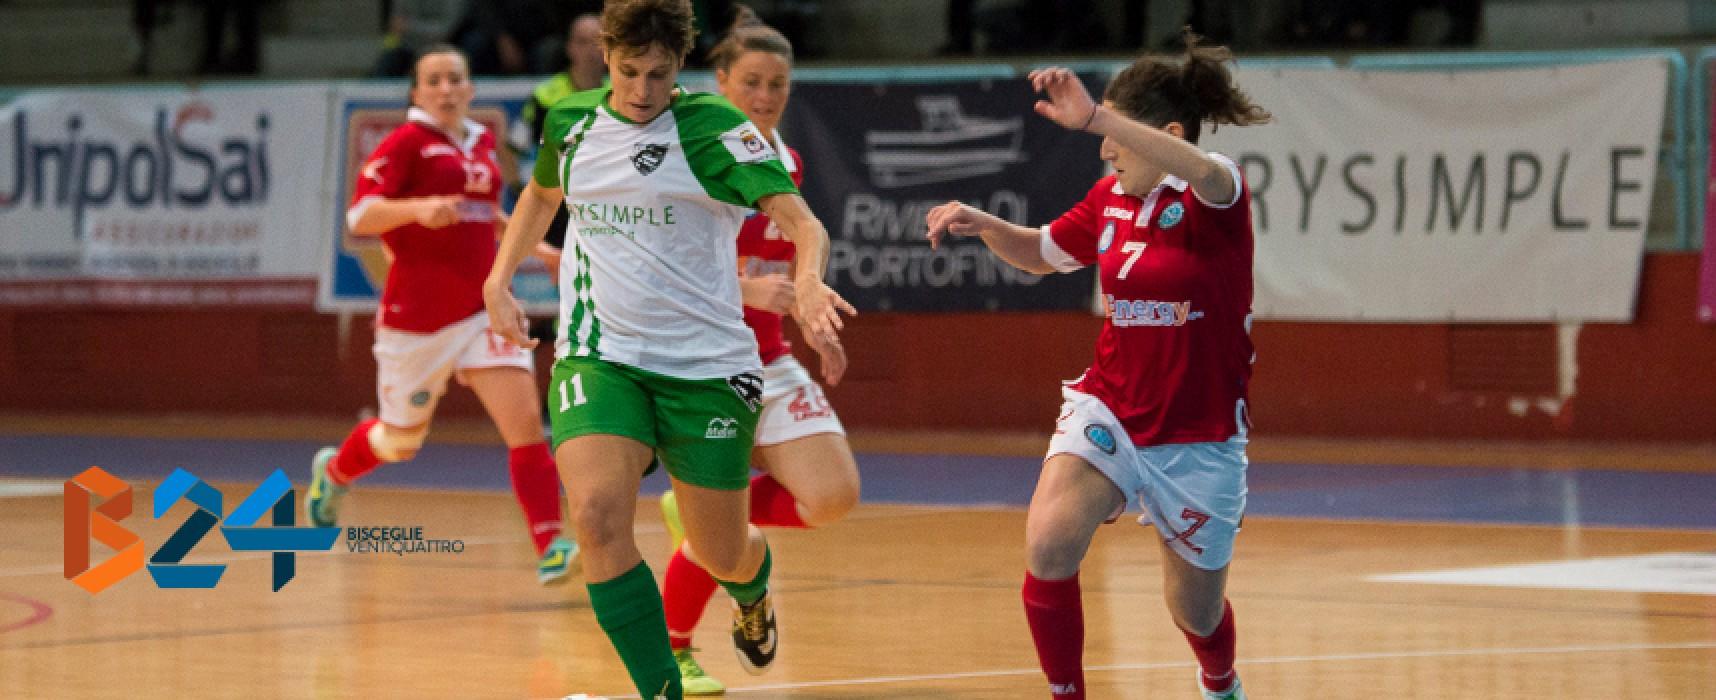 Calcio a 5 femminile: sorriso per il Futsal Bisceglie, Arcadia sconfitta in casa dal Napoli / CLASSIFICHE